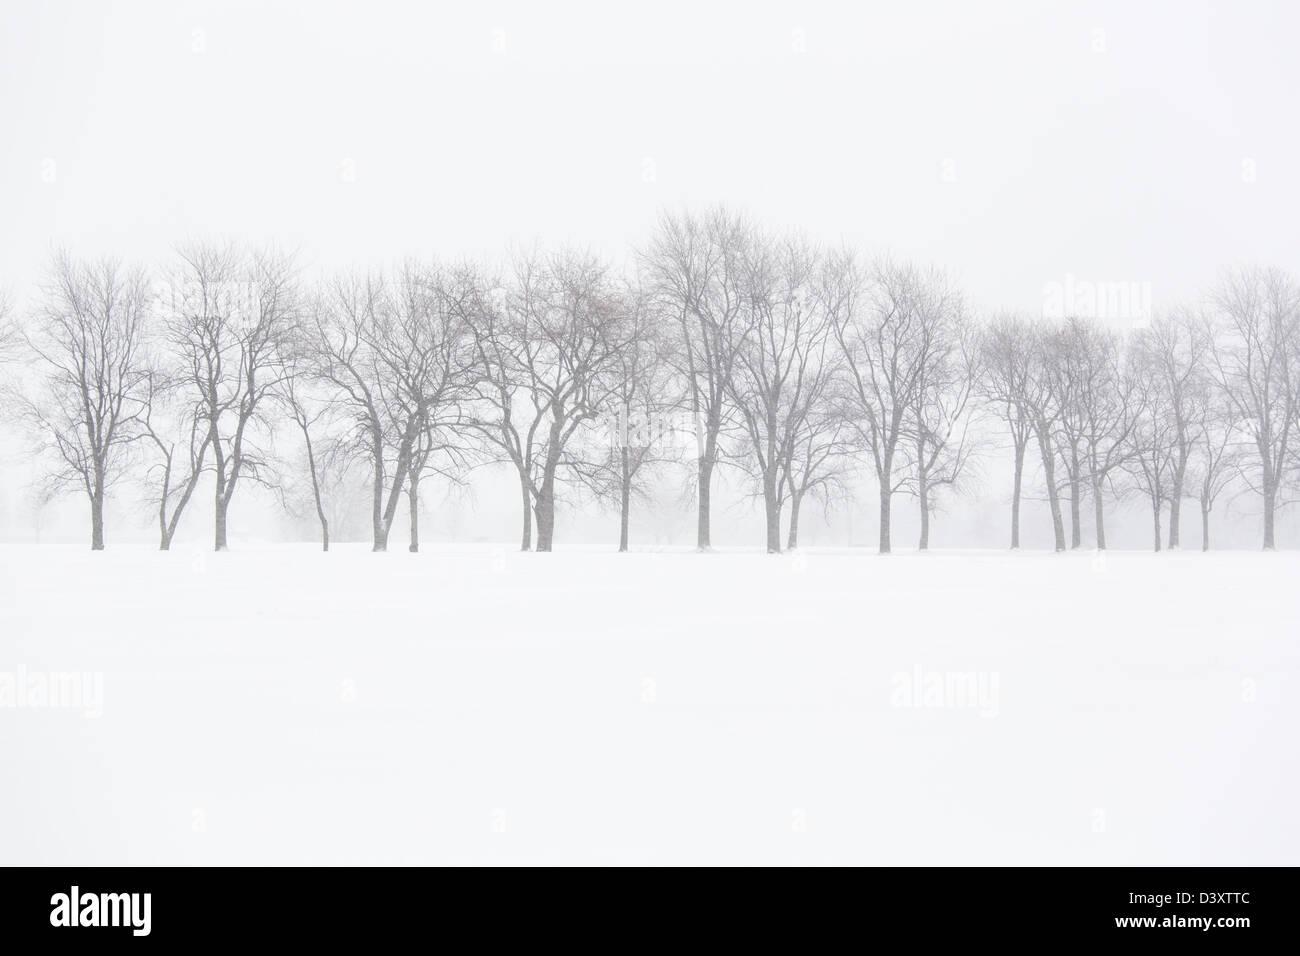 Alberi nel paesaggio invernale Immagini Stock